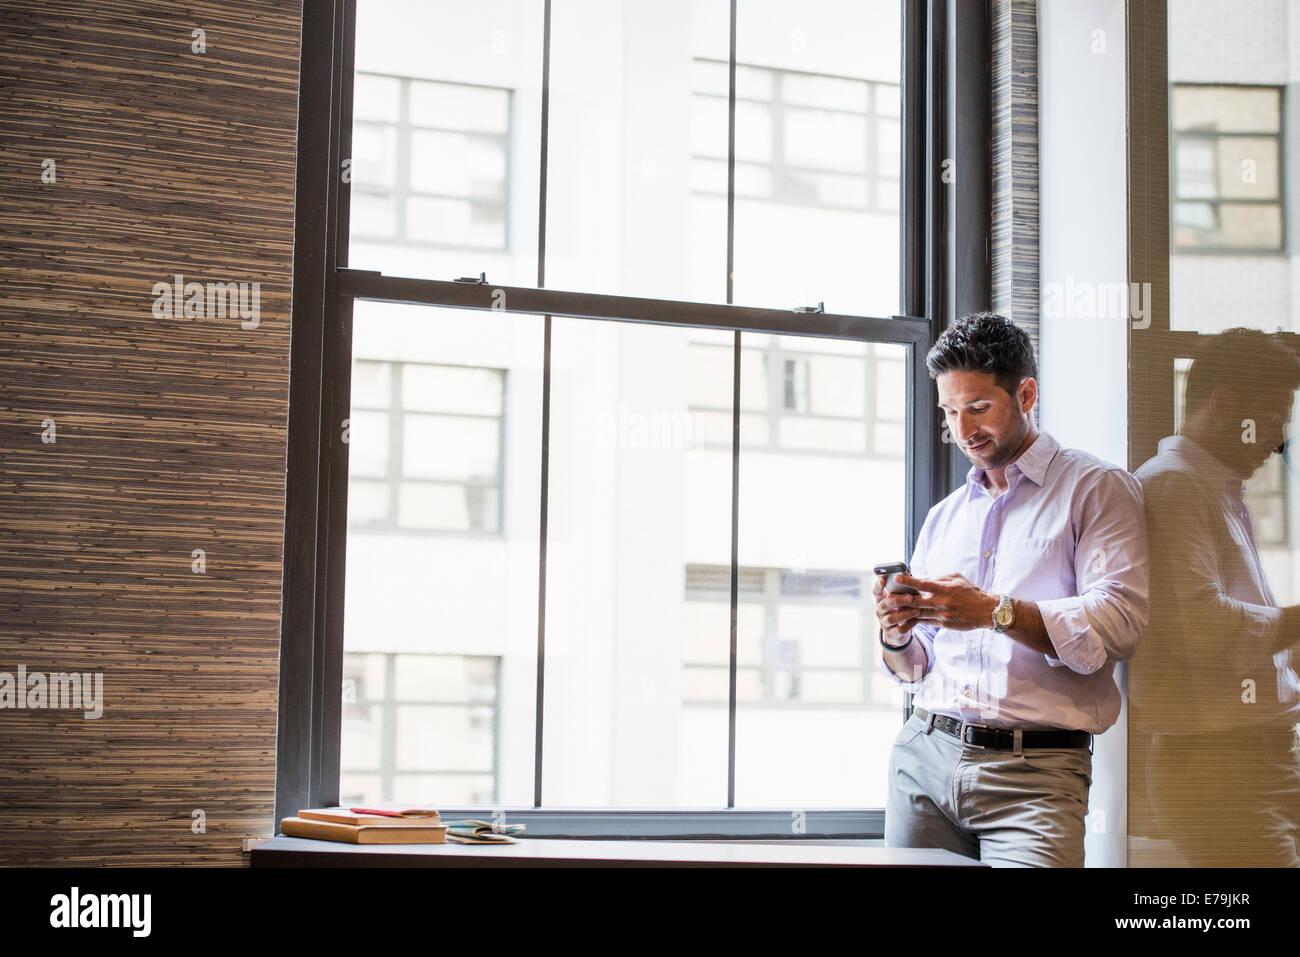 La vie de bureau. Un homme dans un bureau vérifie son téléphone intelligent. Photo Stock